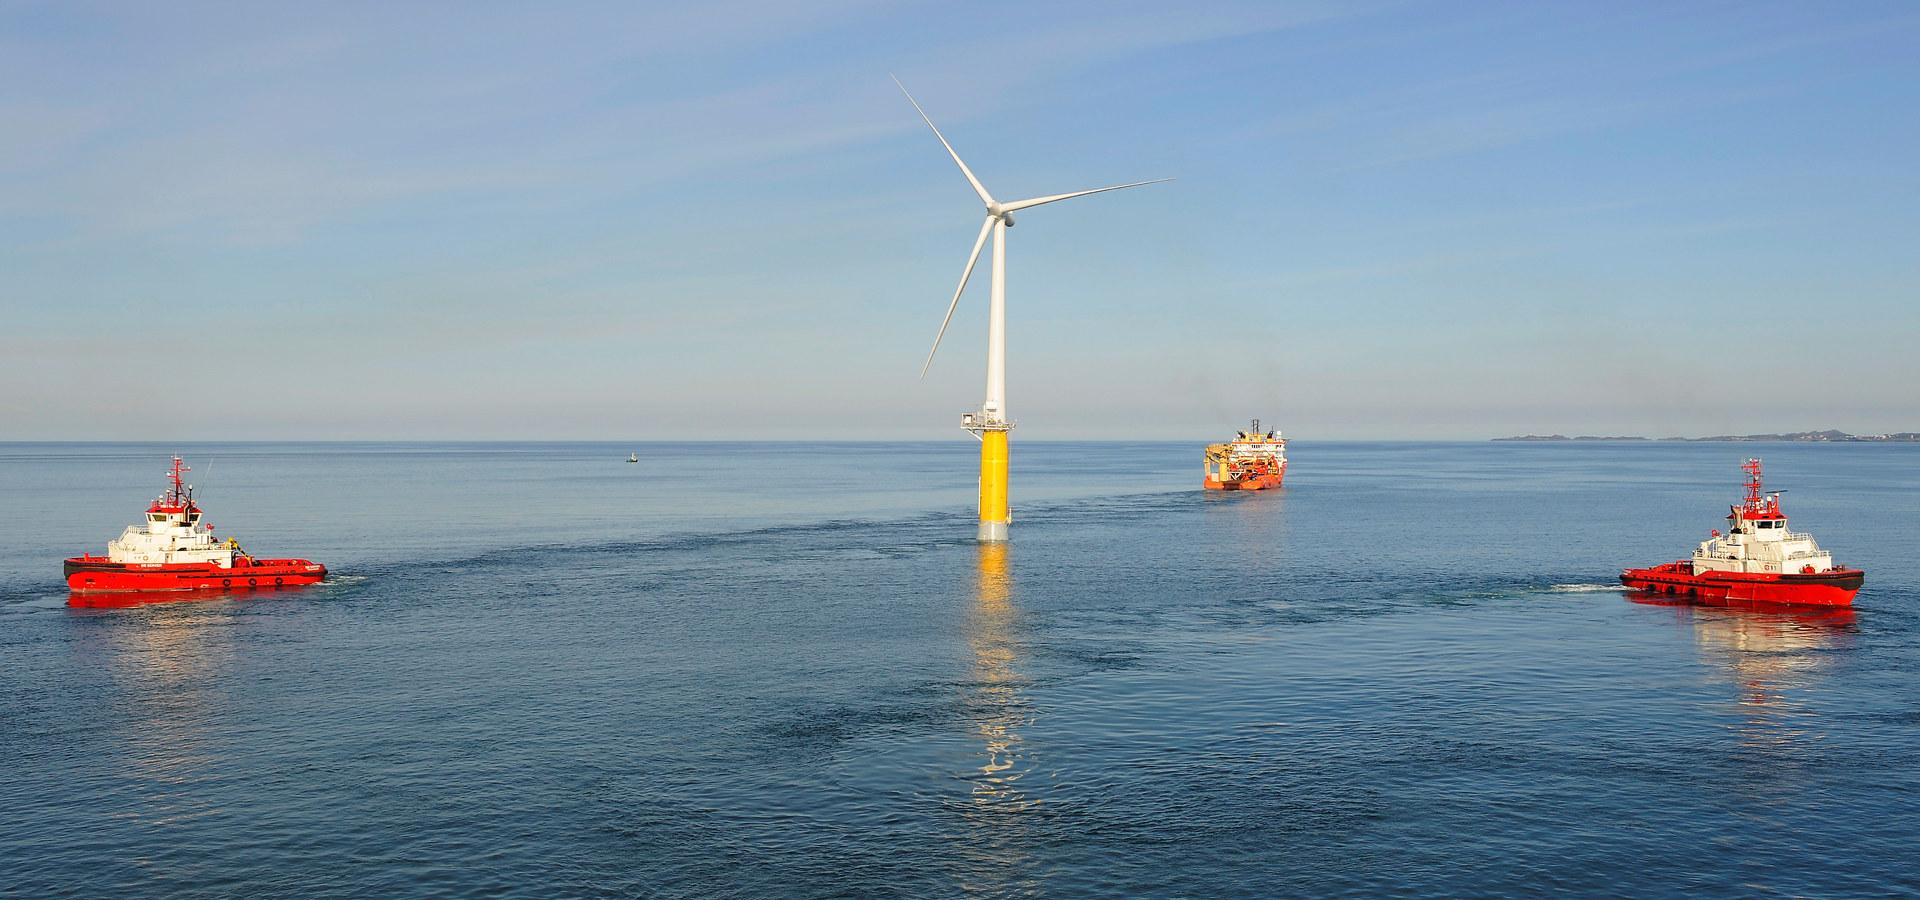 Flytende vindmølle til havs